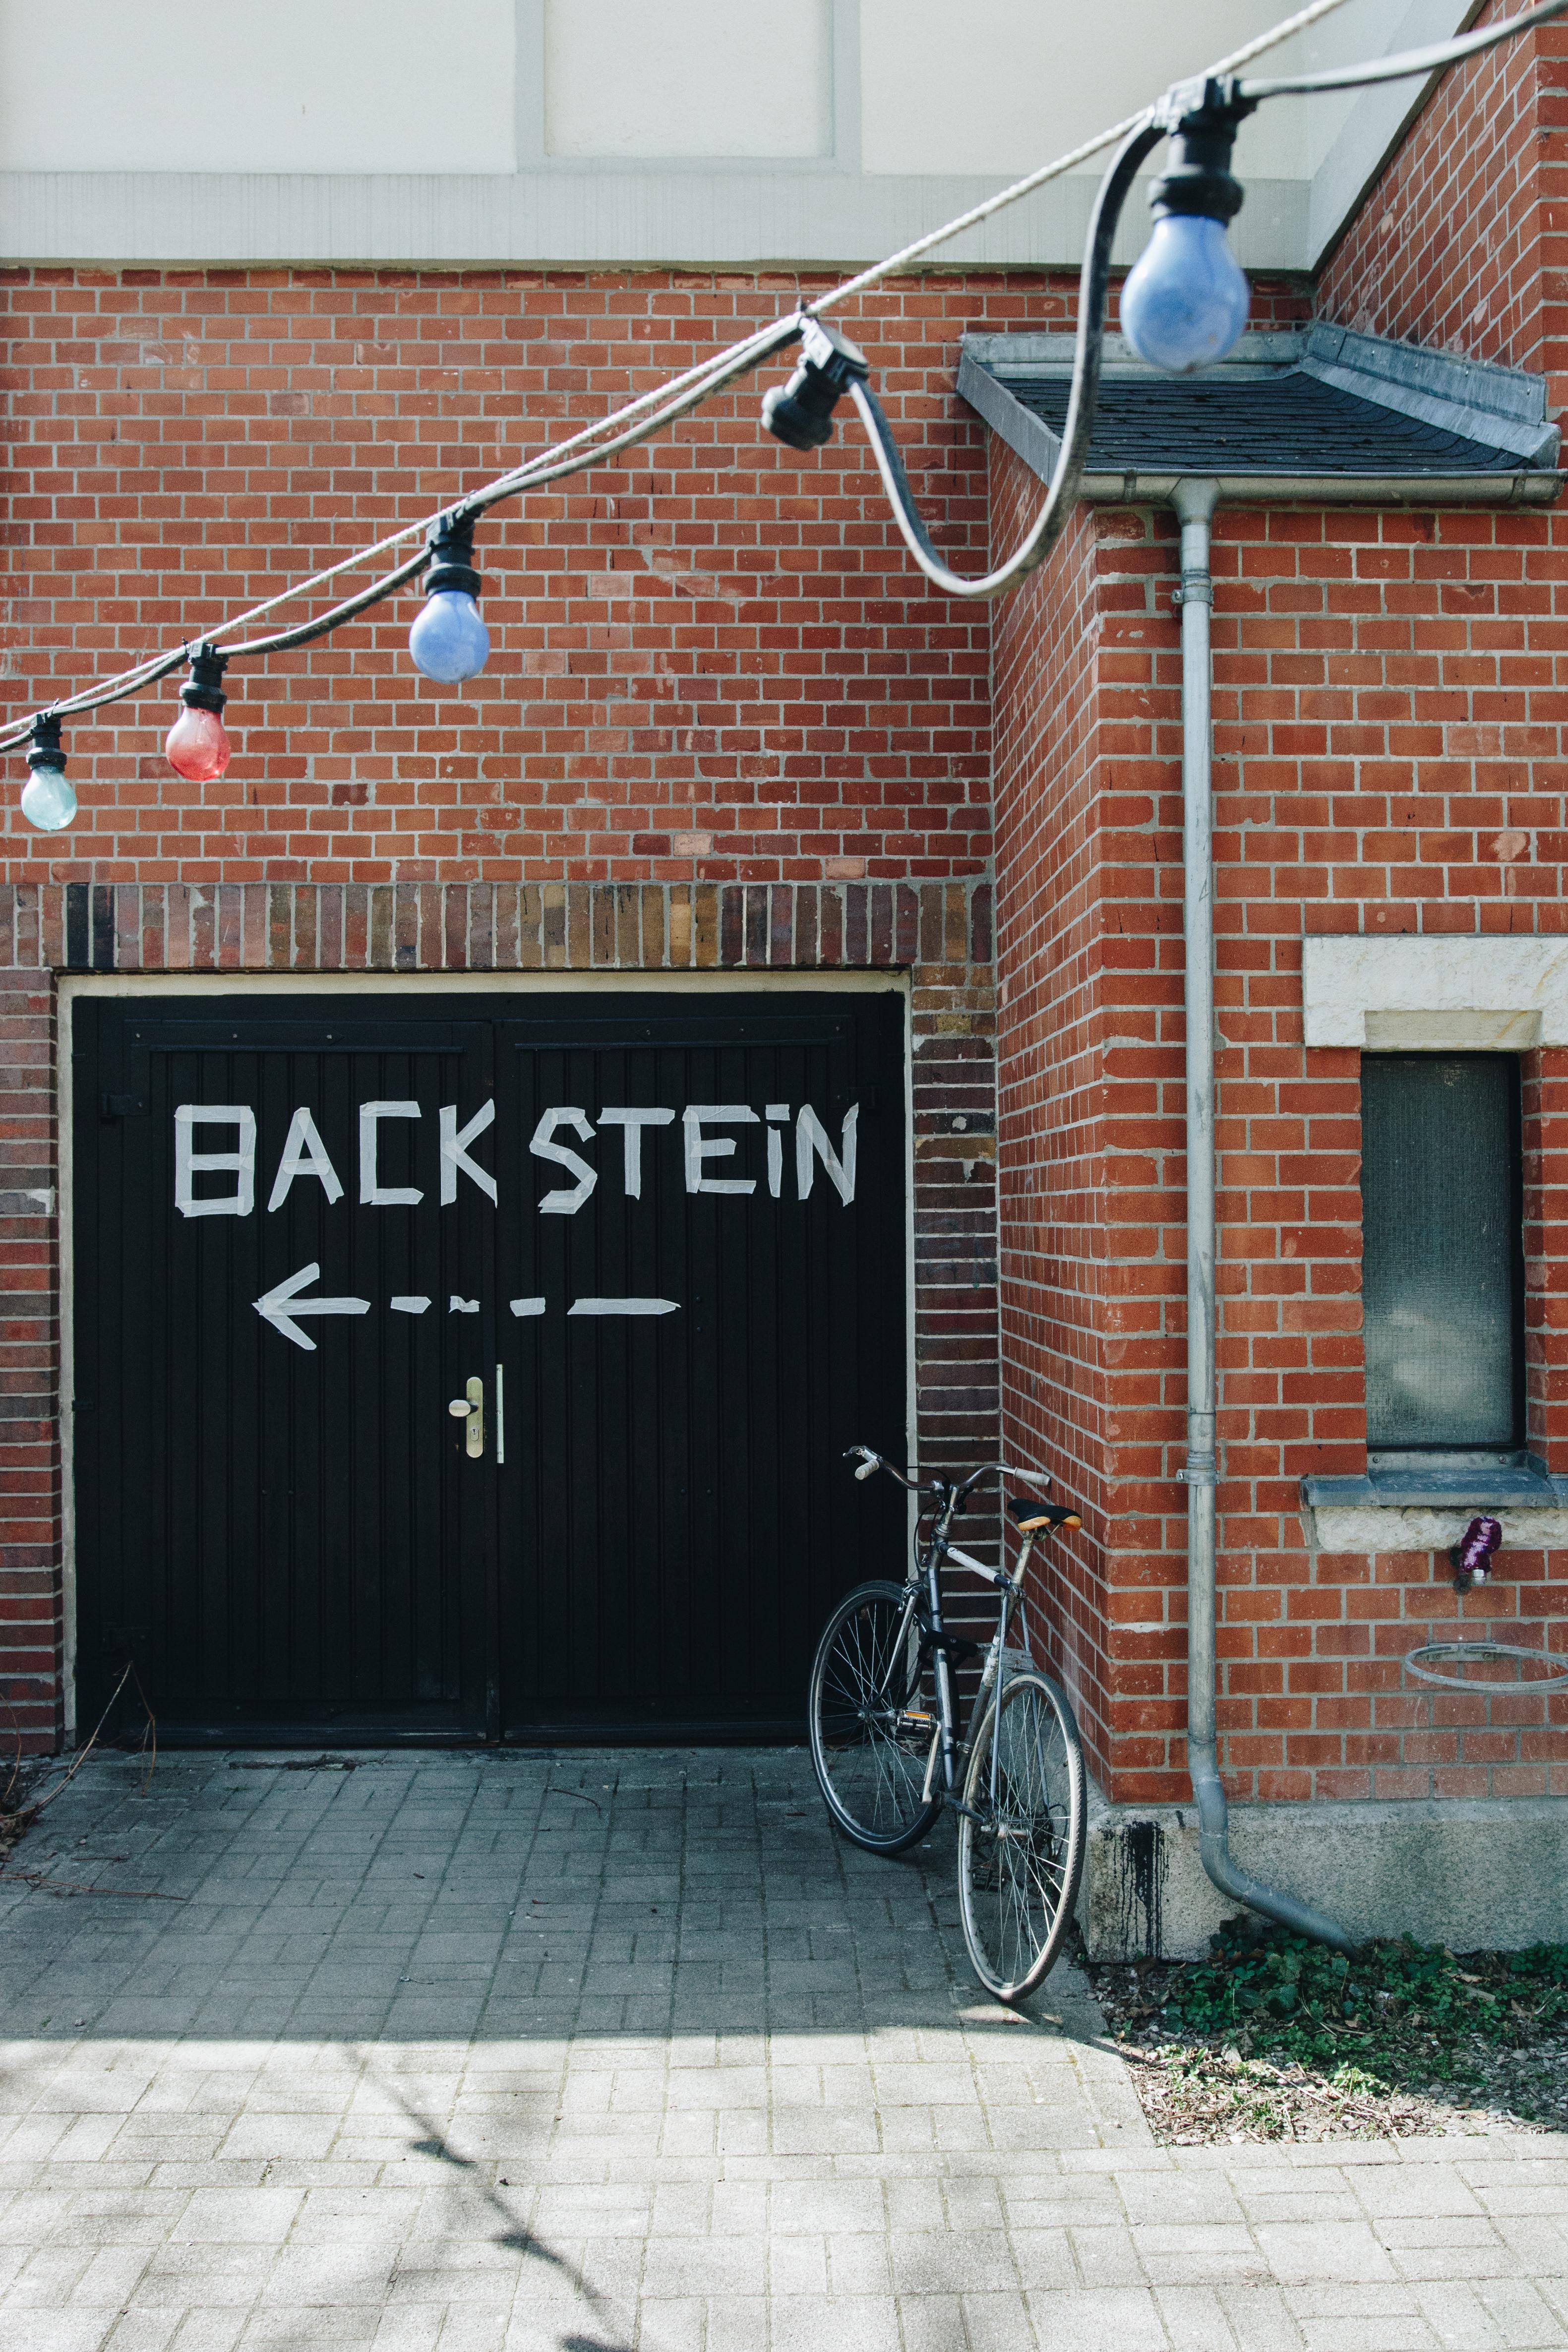 backstein-gfzk-annabelle sagt-leipzig-brot6